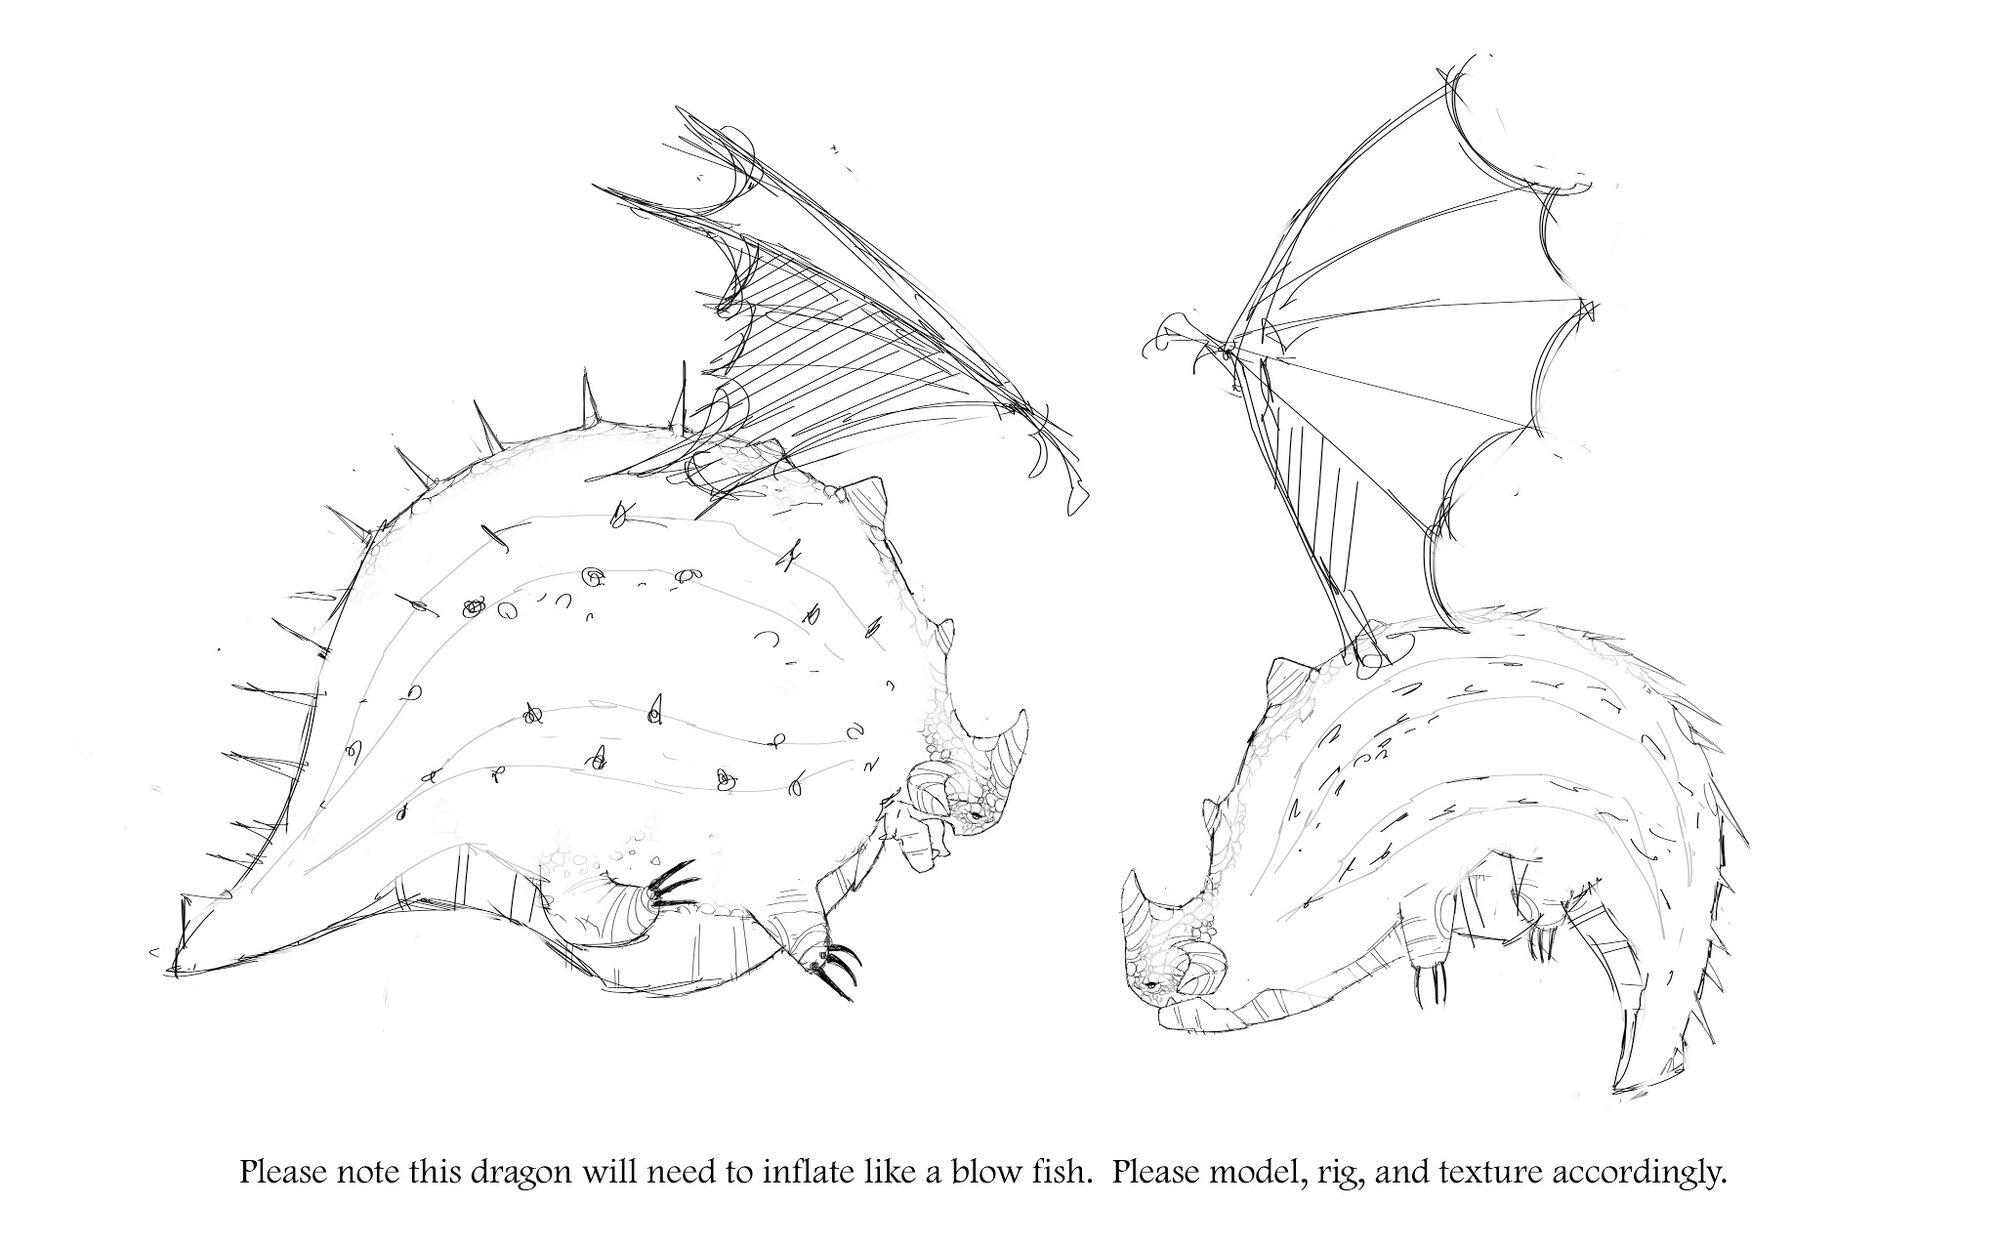 Drachenzähmen Leicht Gemacht Ausmalbilder Ohnezahn : Luxus Ausmalbilder Von Dragon Auf Zu Neuen Ufern Malvorlage